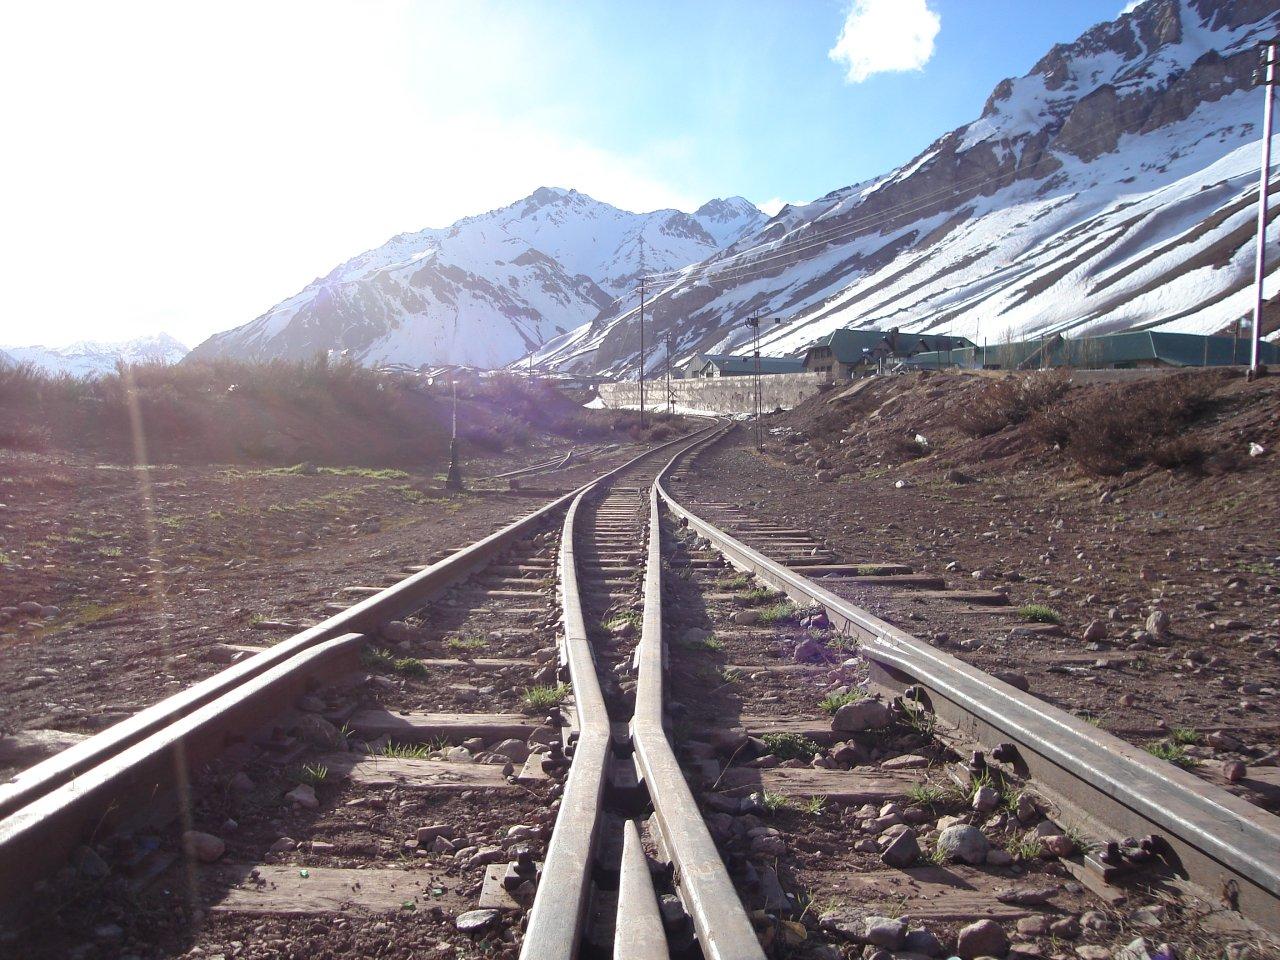 Ya se ha hablado muchas veces del Tren Trasandino sin llegar a ningún acuerdo.